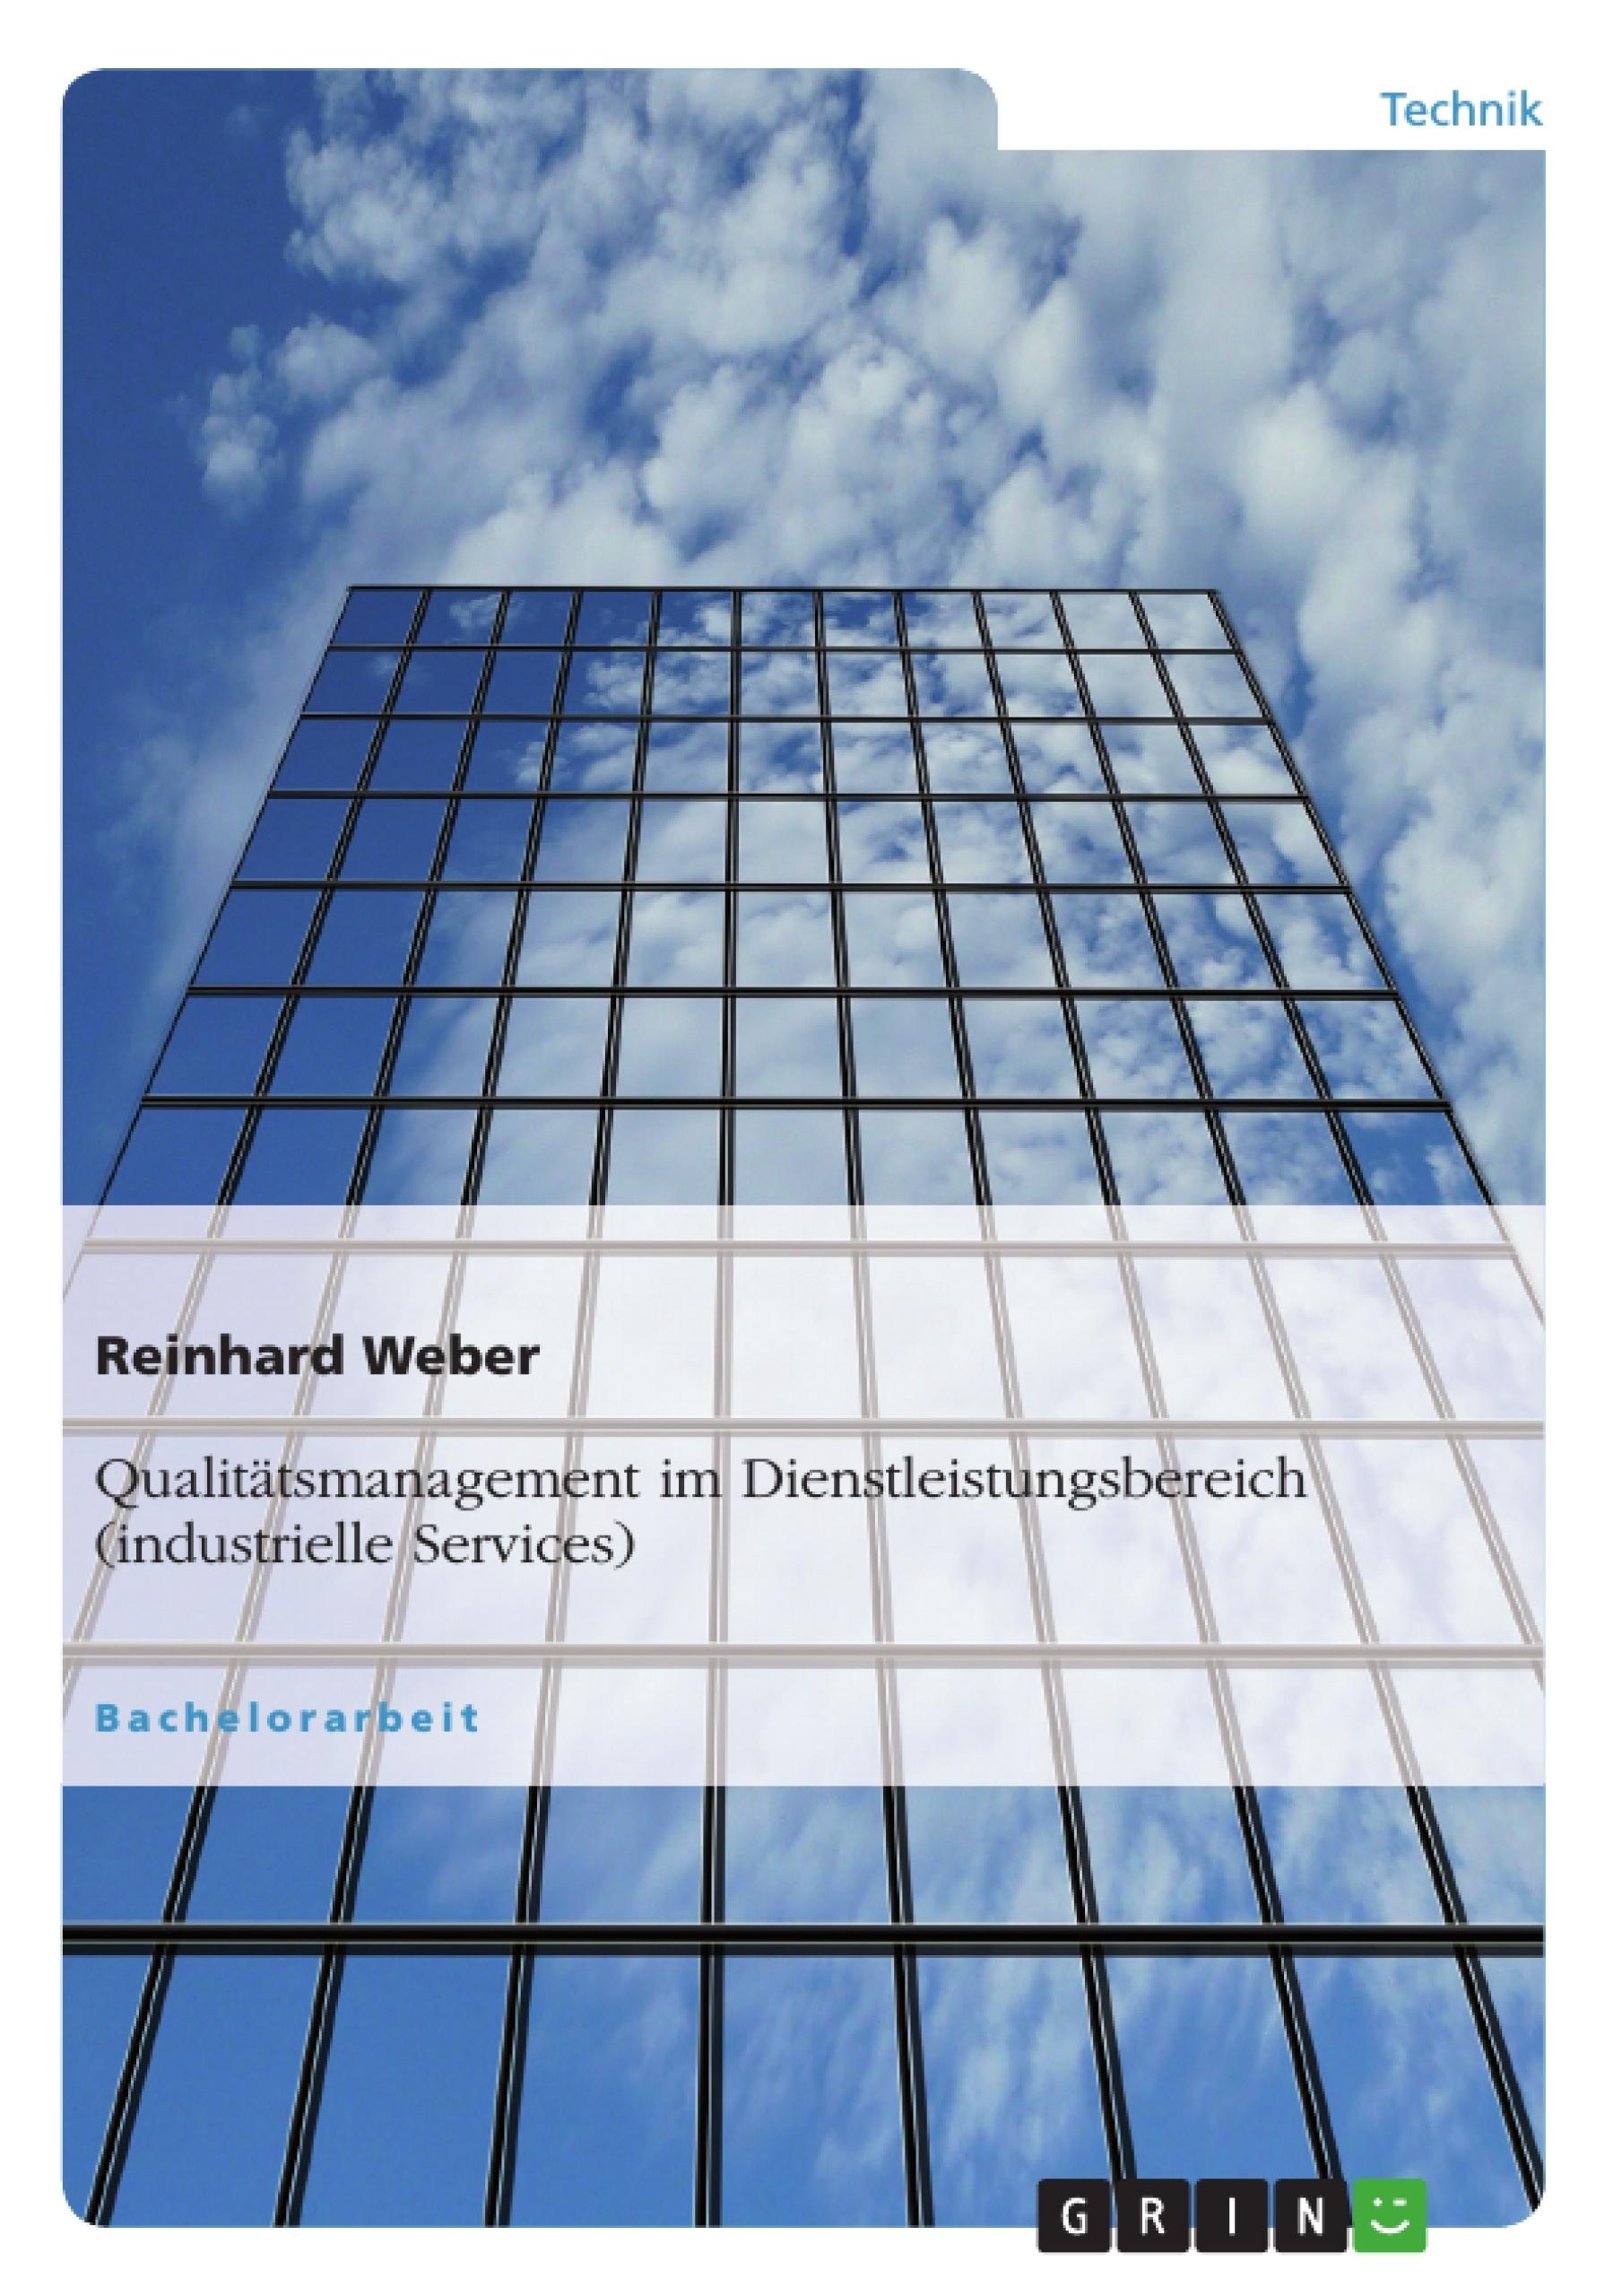 Titel: Qualitätsmanagement im Dienstleistungsbereich (industrielle Services)